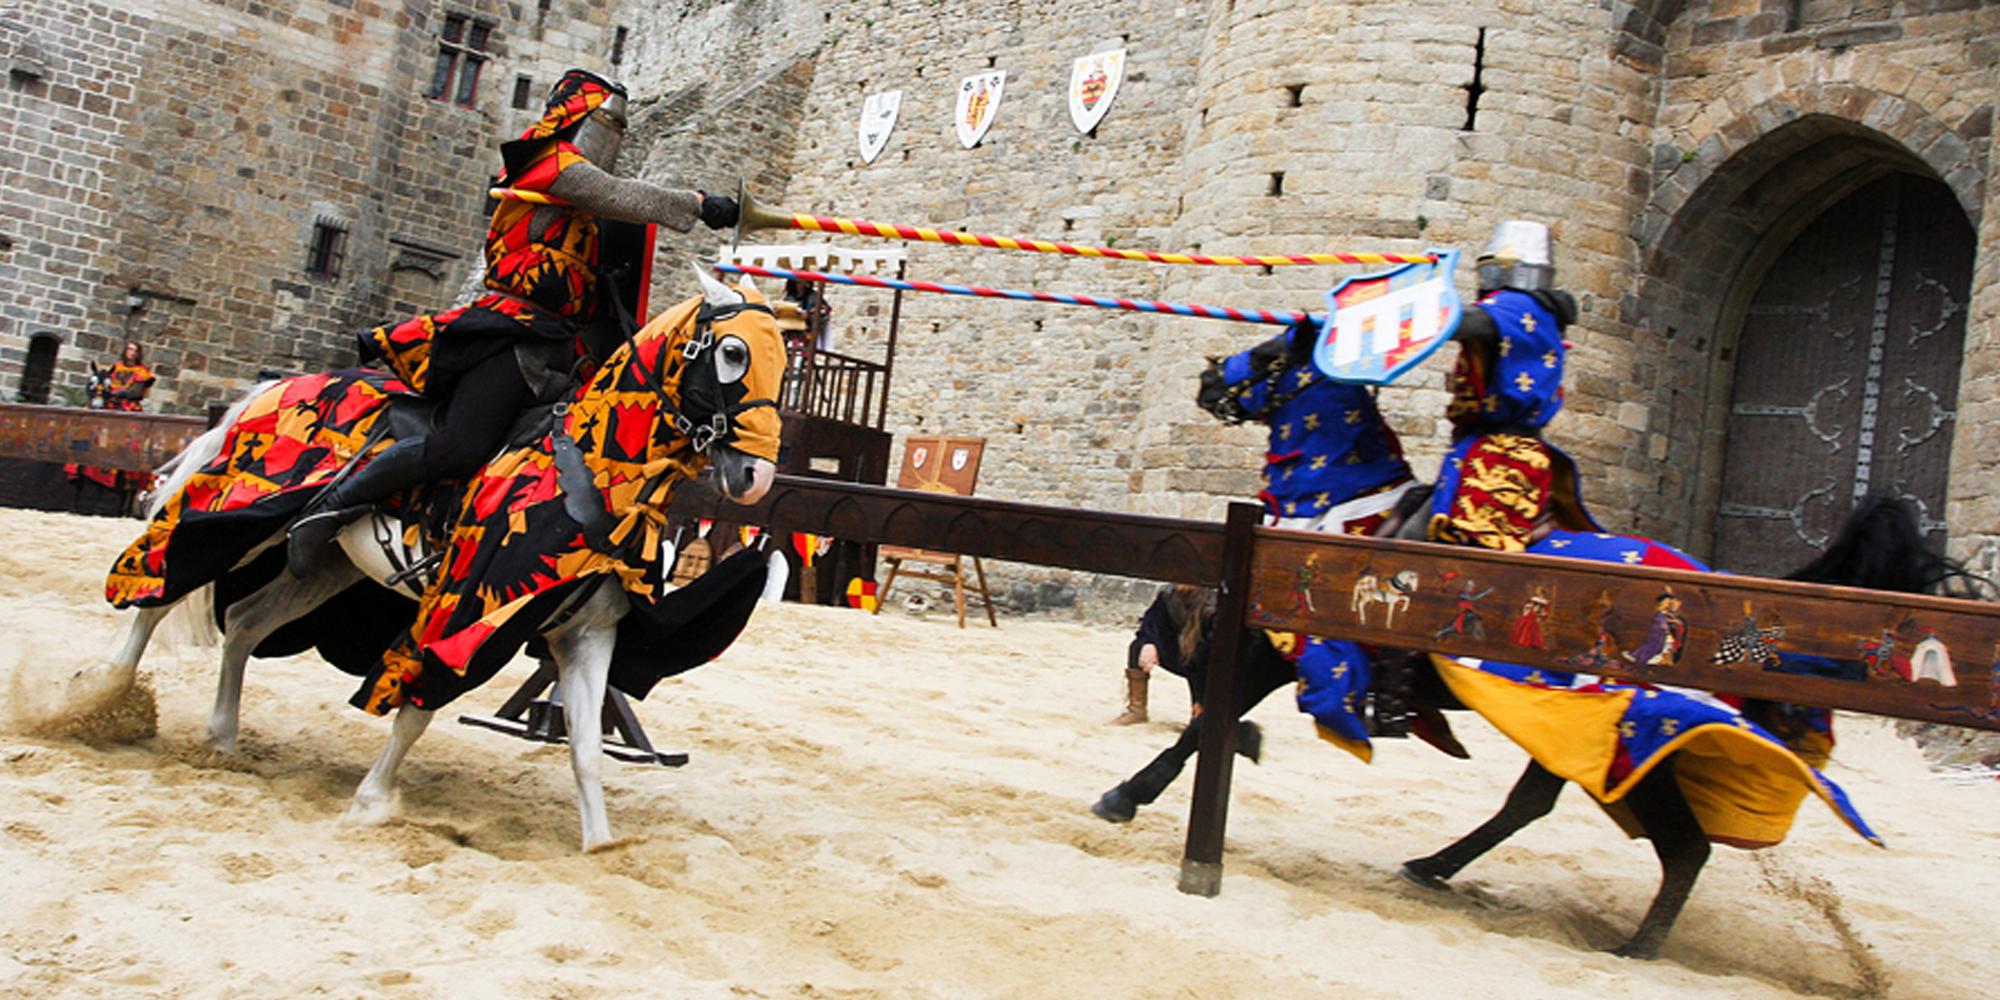 décor monumental de portes médiévales en résine installées à Dinan pour la fête des remparts